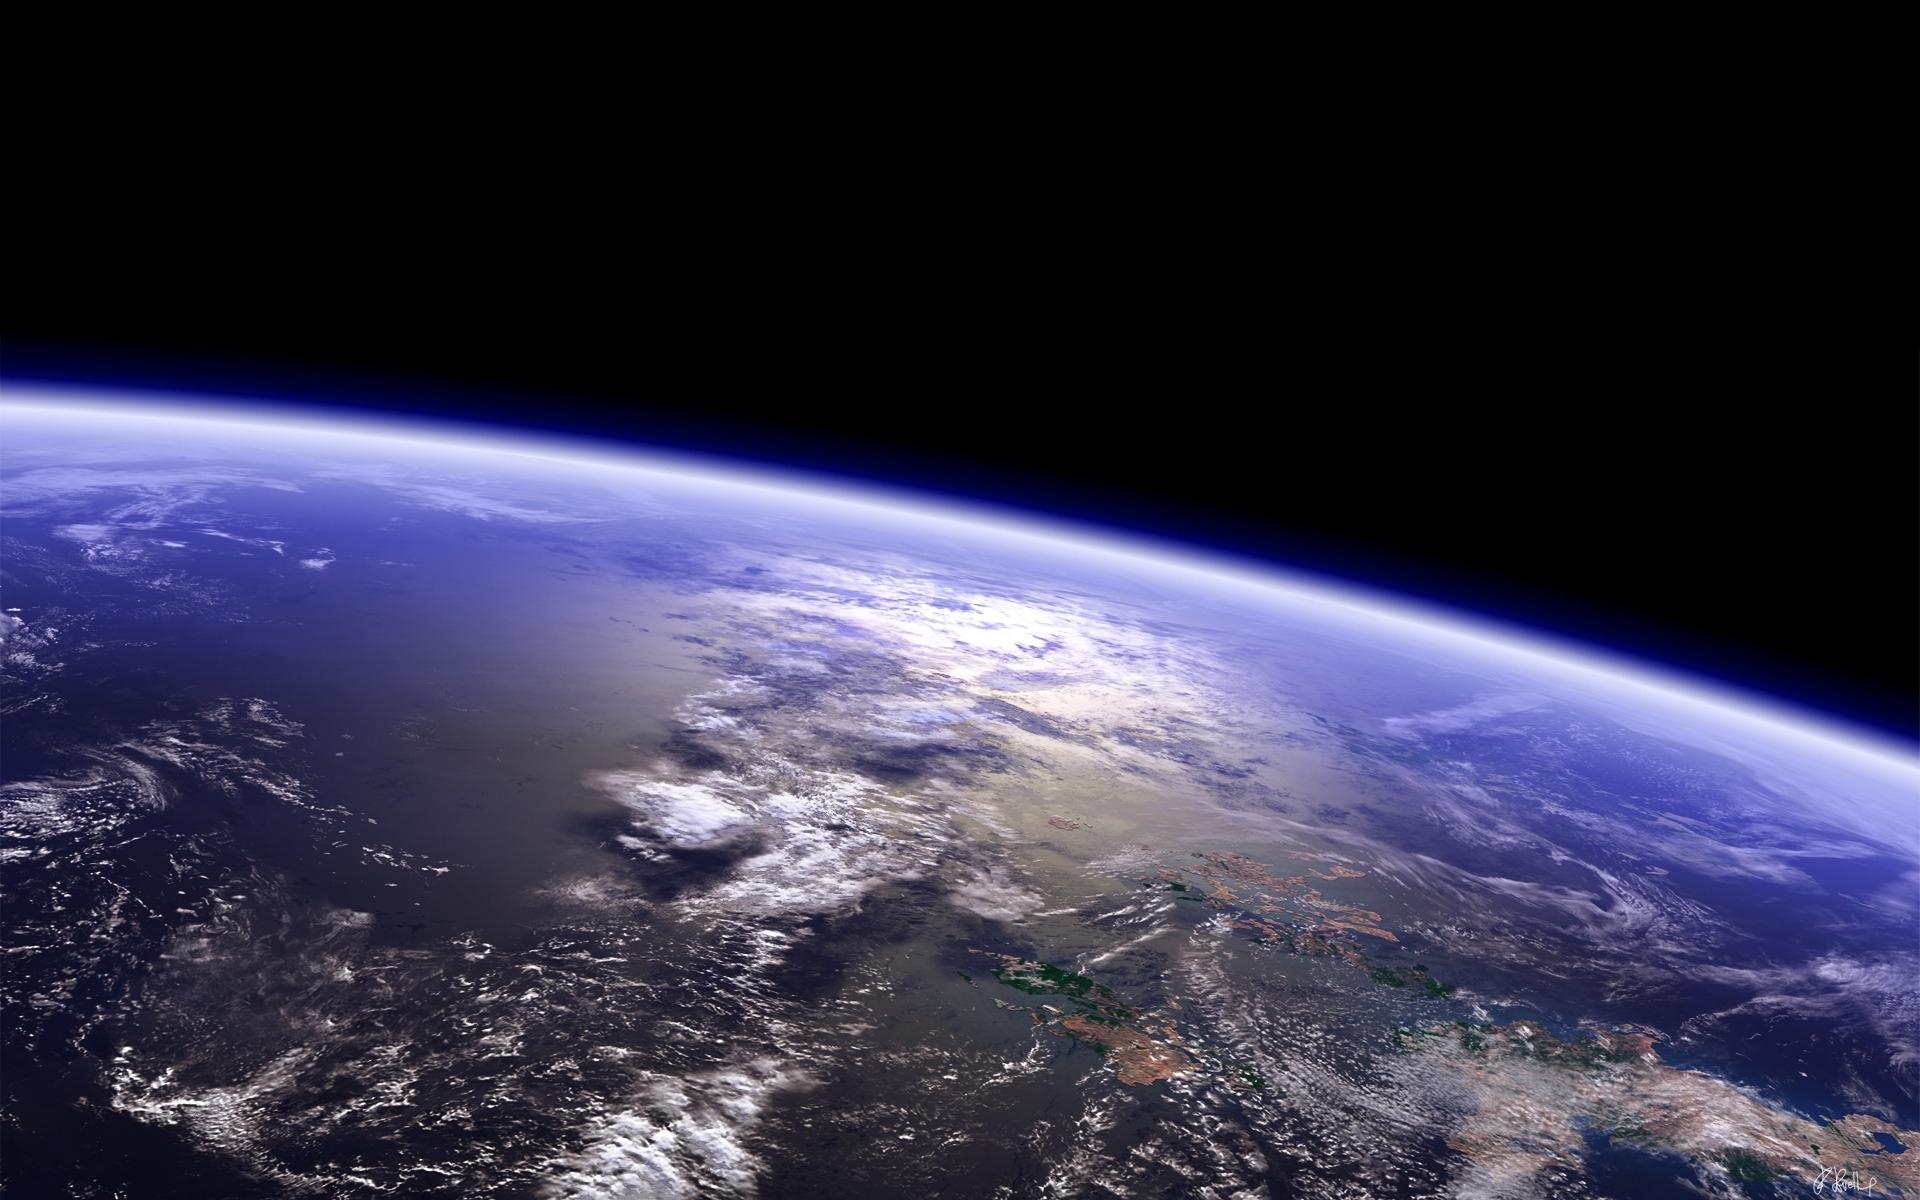 Обои Земля из космоса картинки на рабочий стол на тему Космос - скачать бесплатно